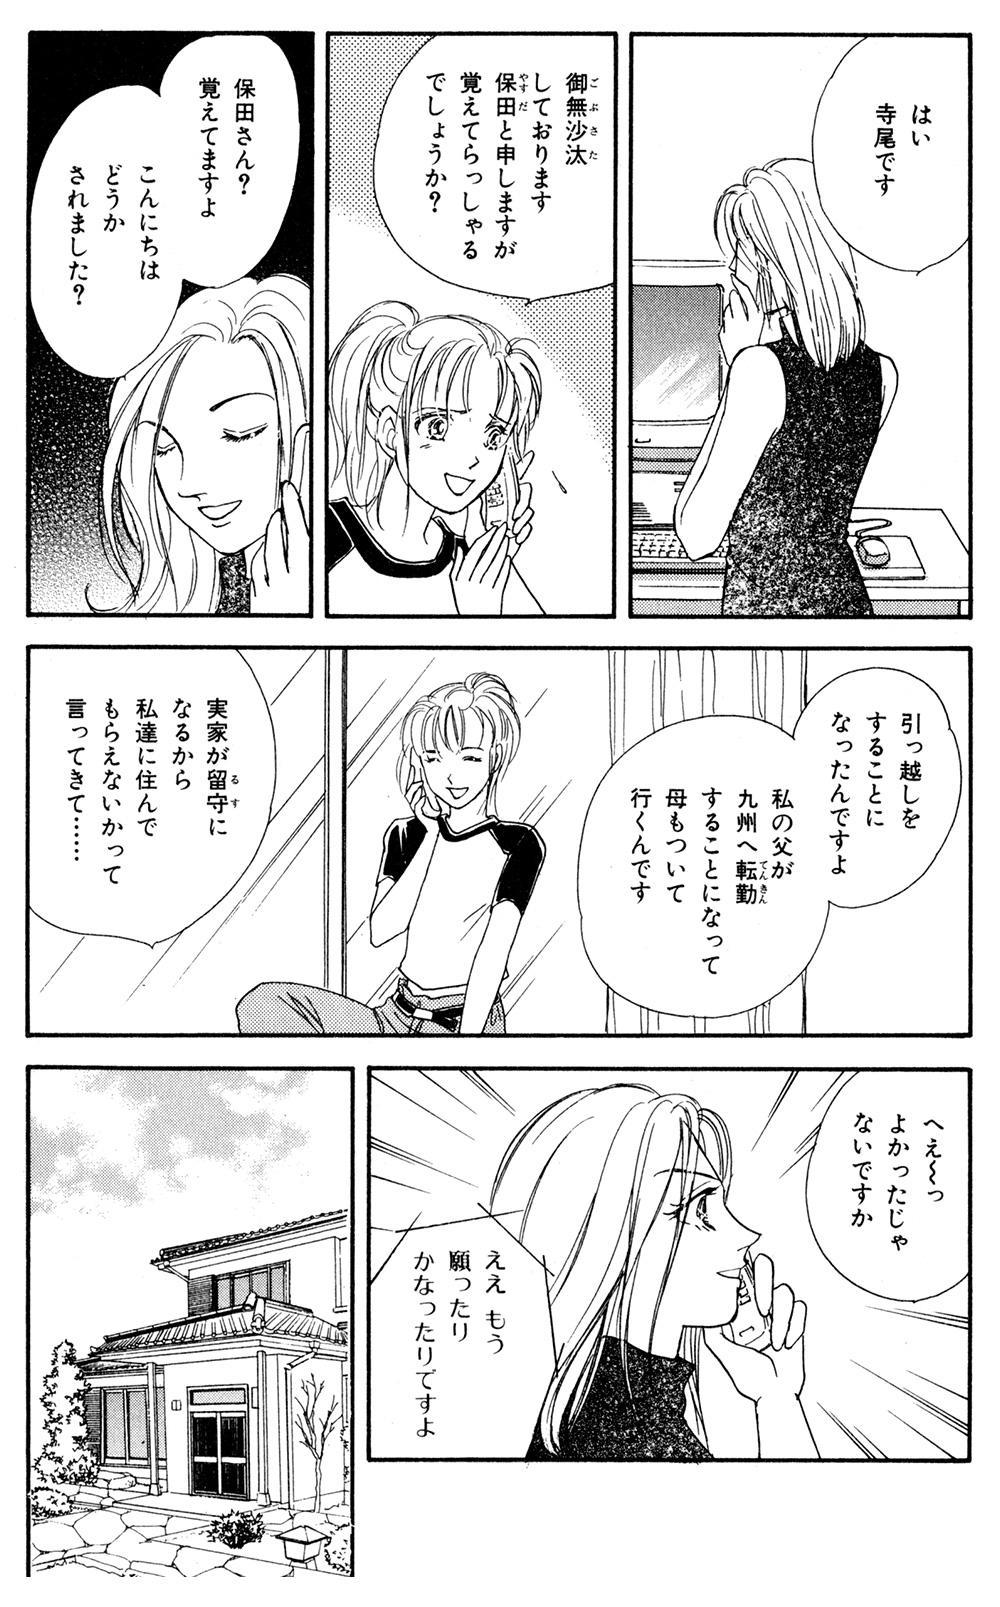 魔百合の恐怖報告 「災いを呼ぶ老婆」①rouba02-12.jpg